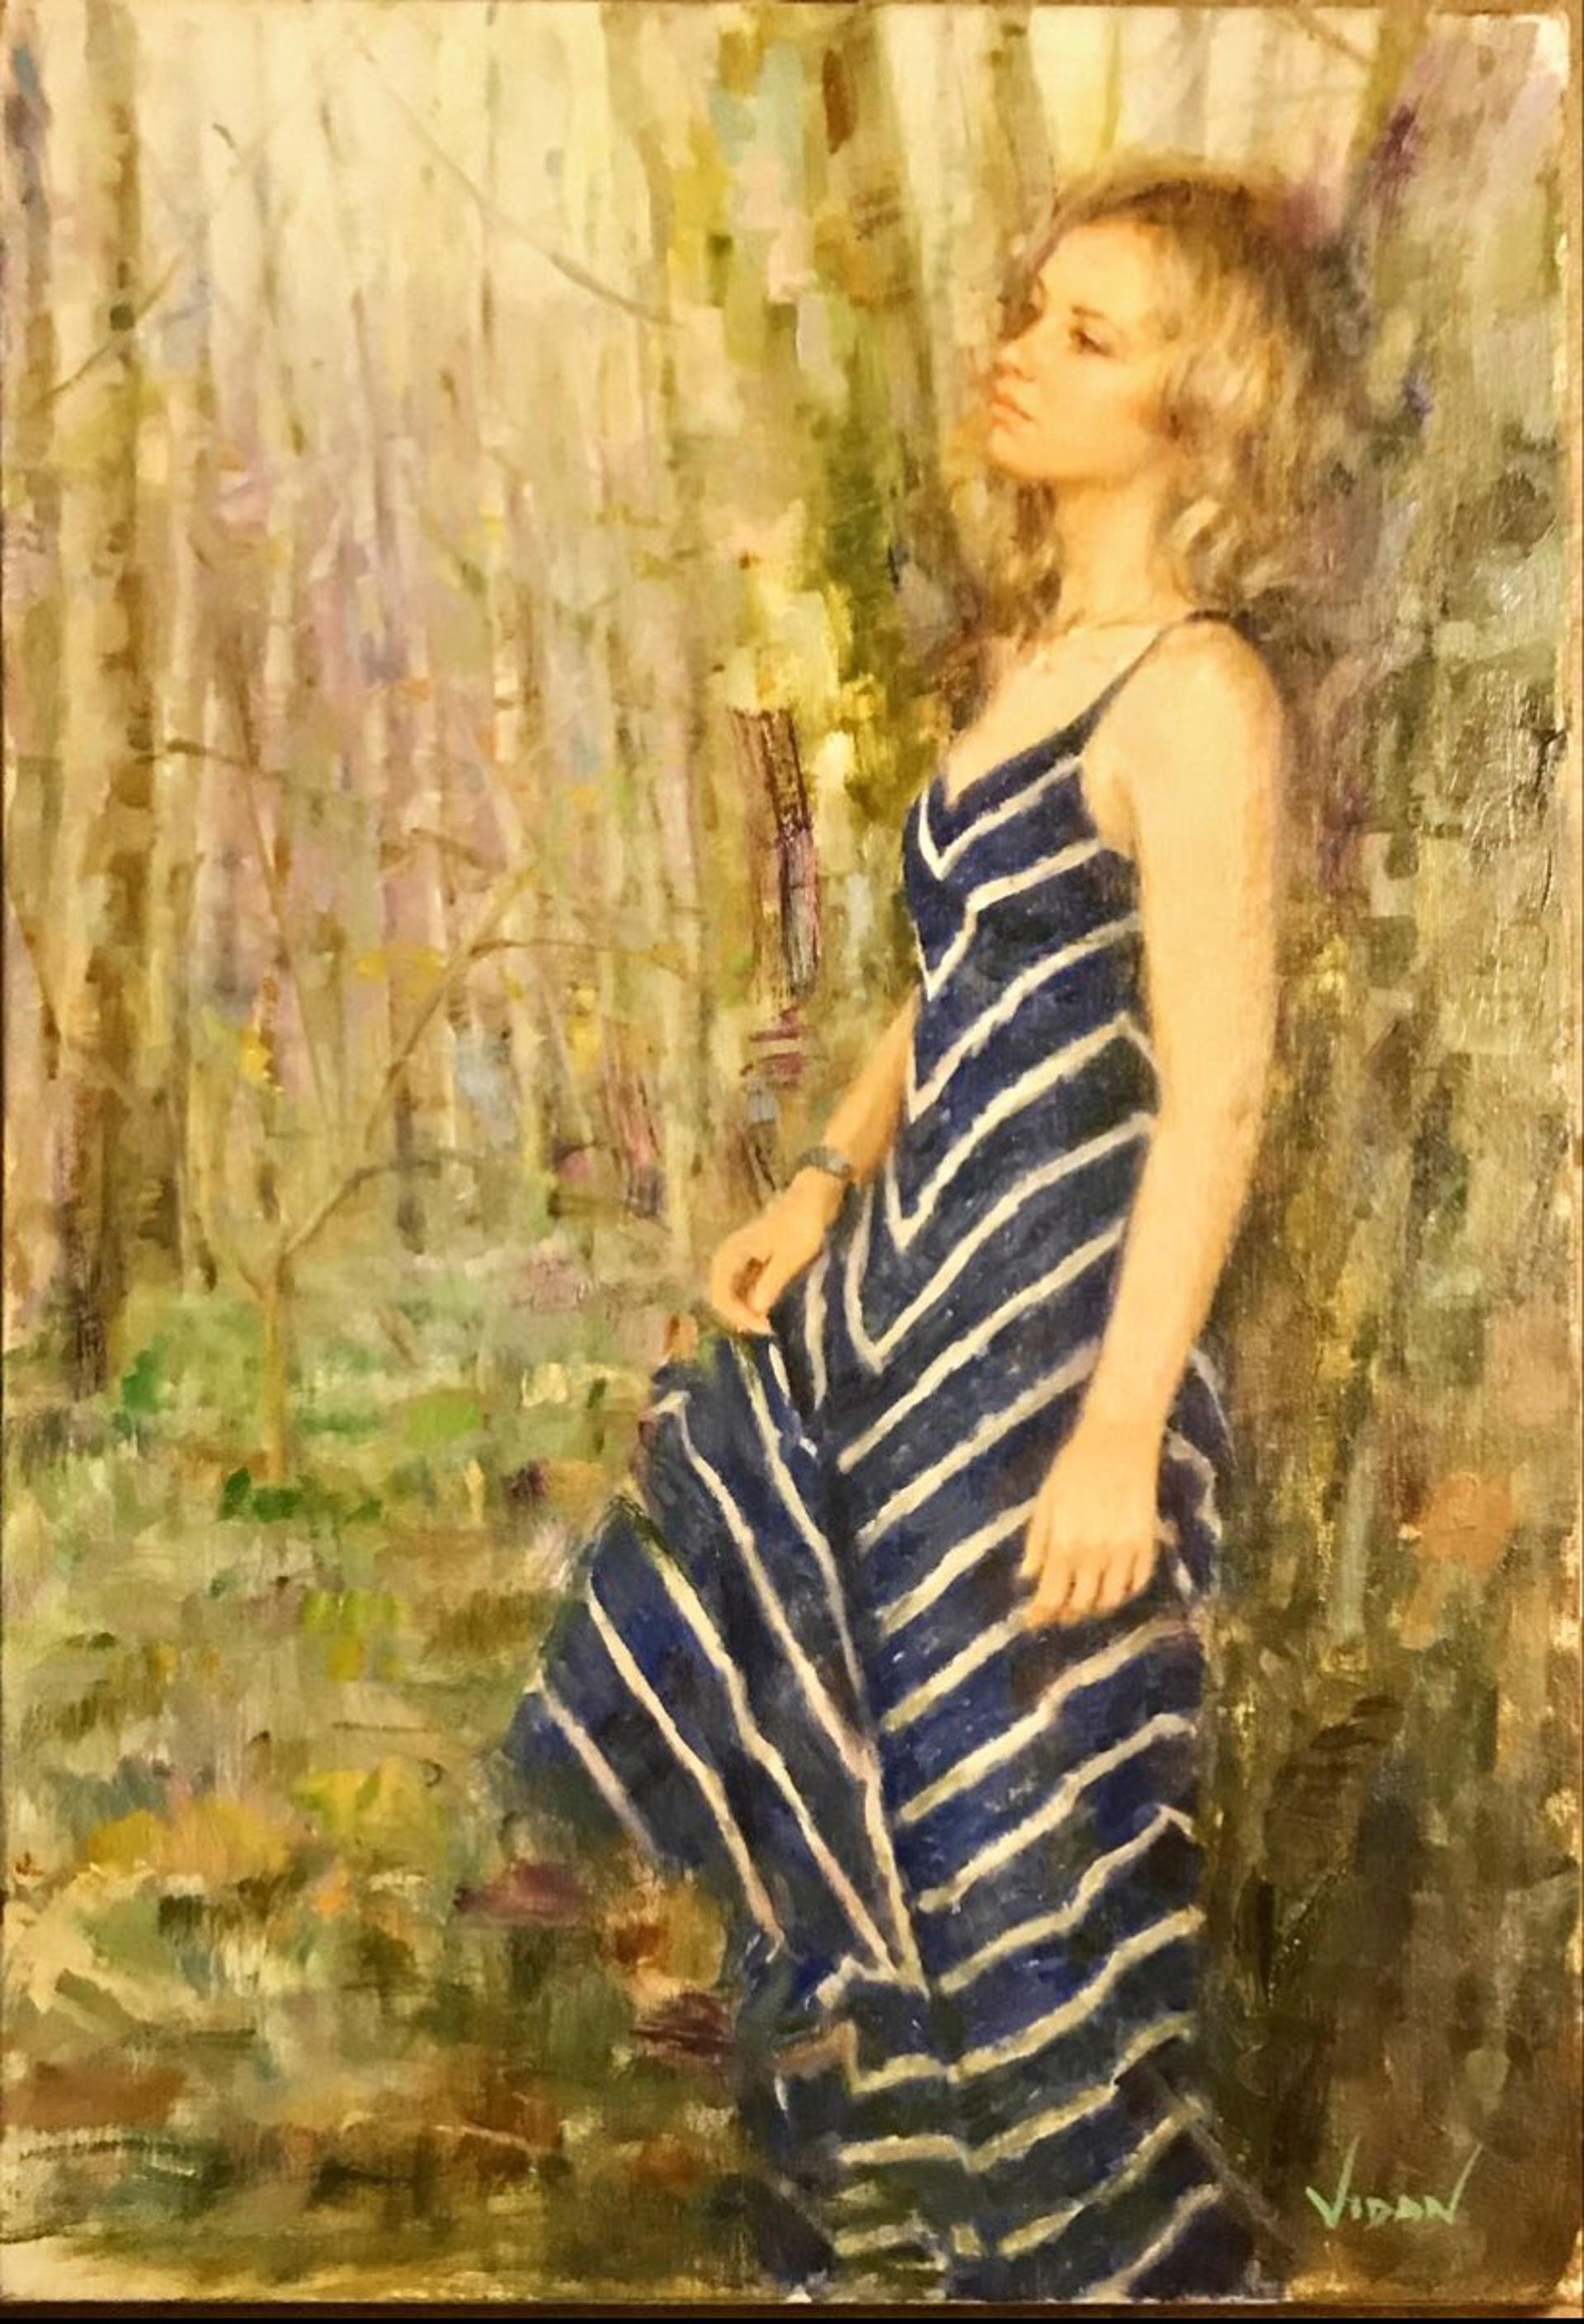 In the Woods by Vidan